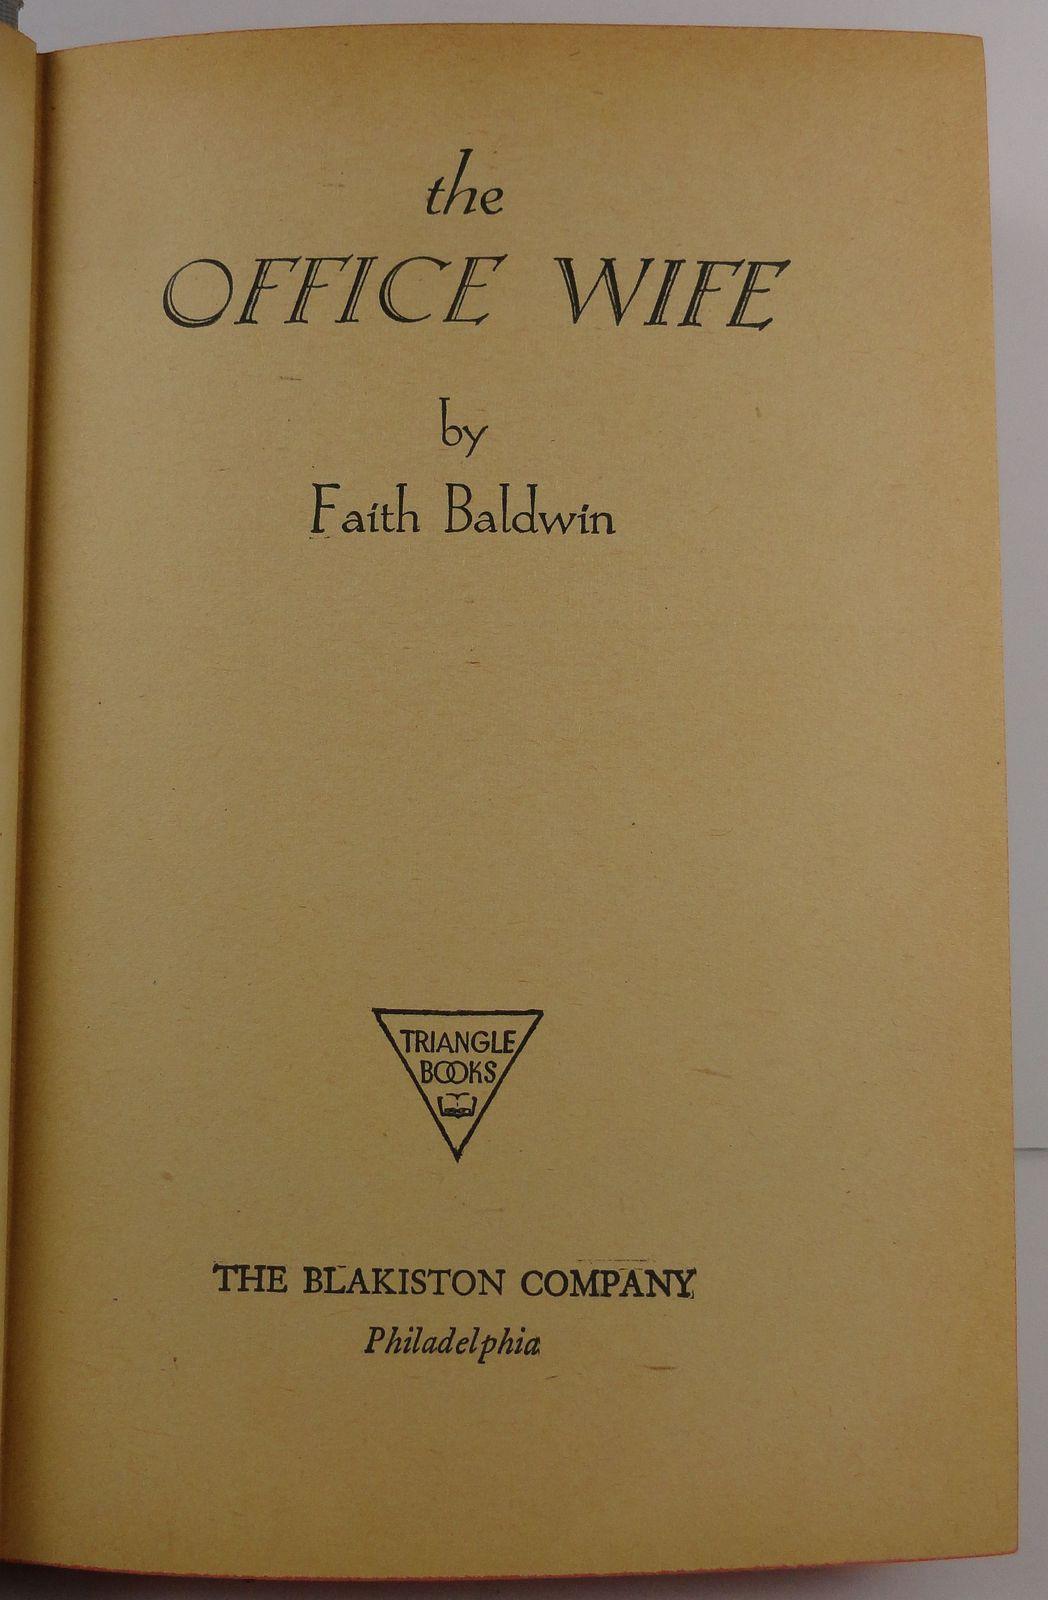 The Office Wife by Faith Baldwin 1930 Blakiston HC/DJ